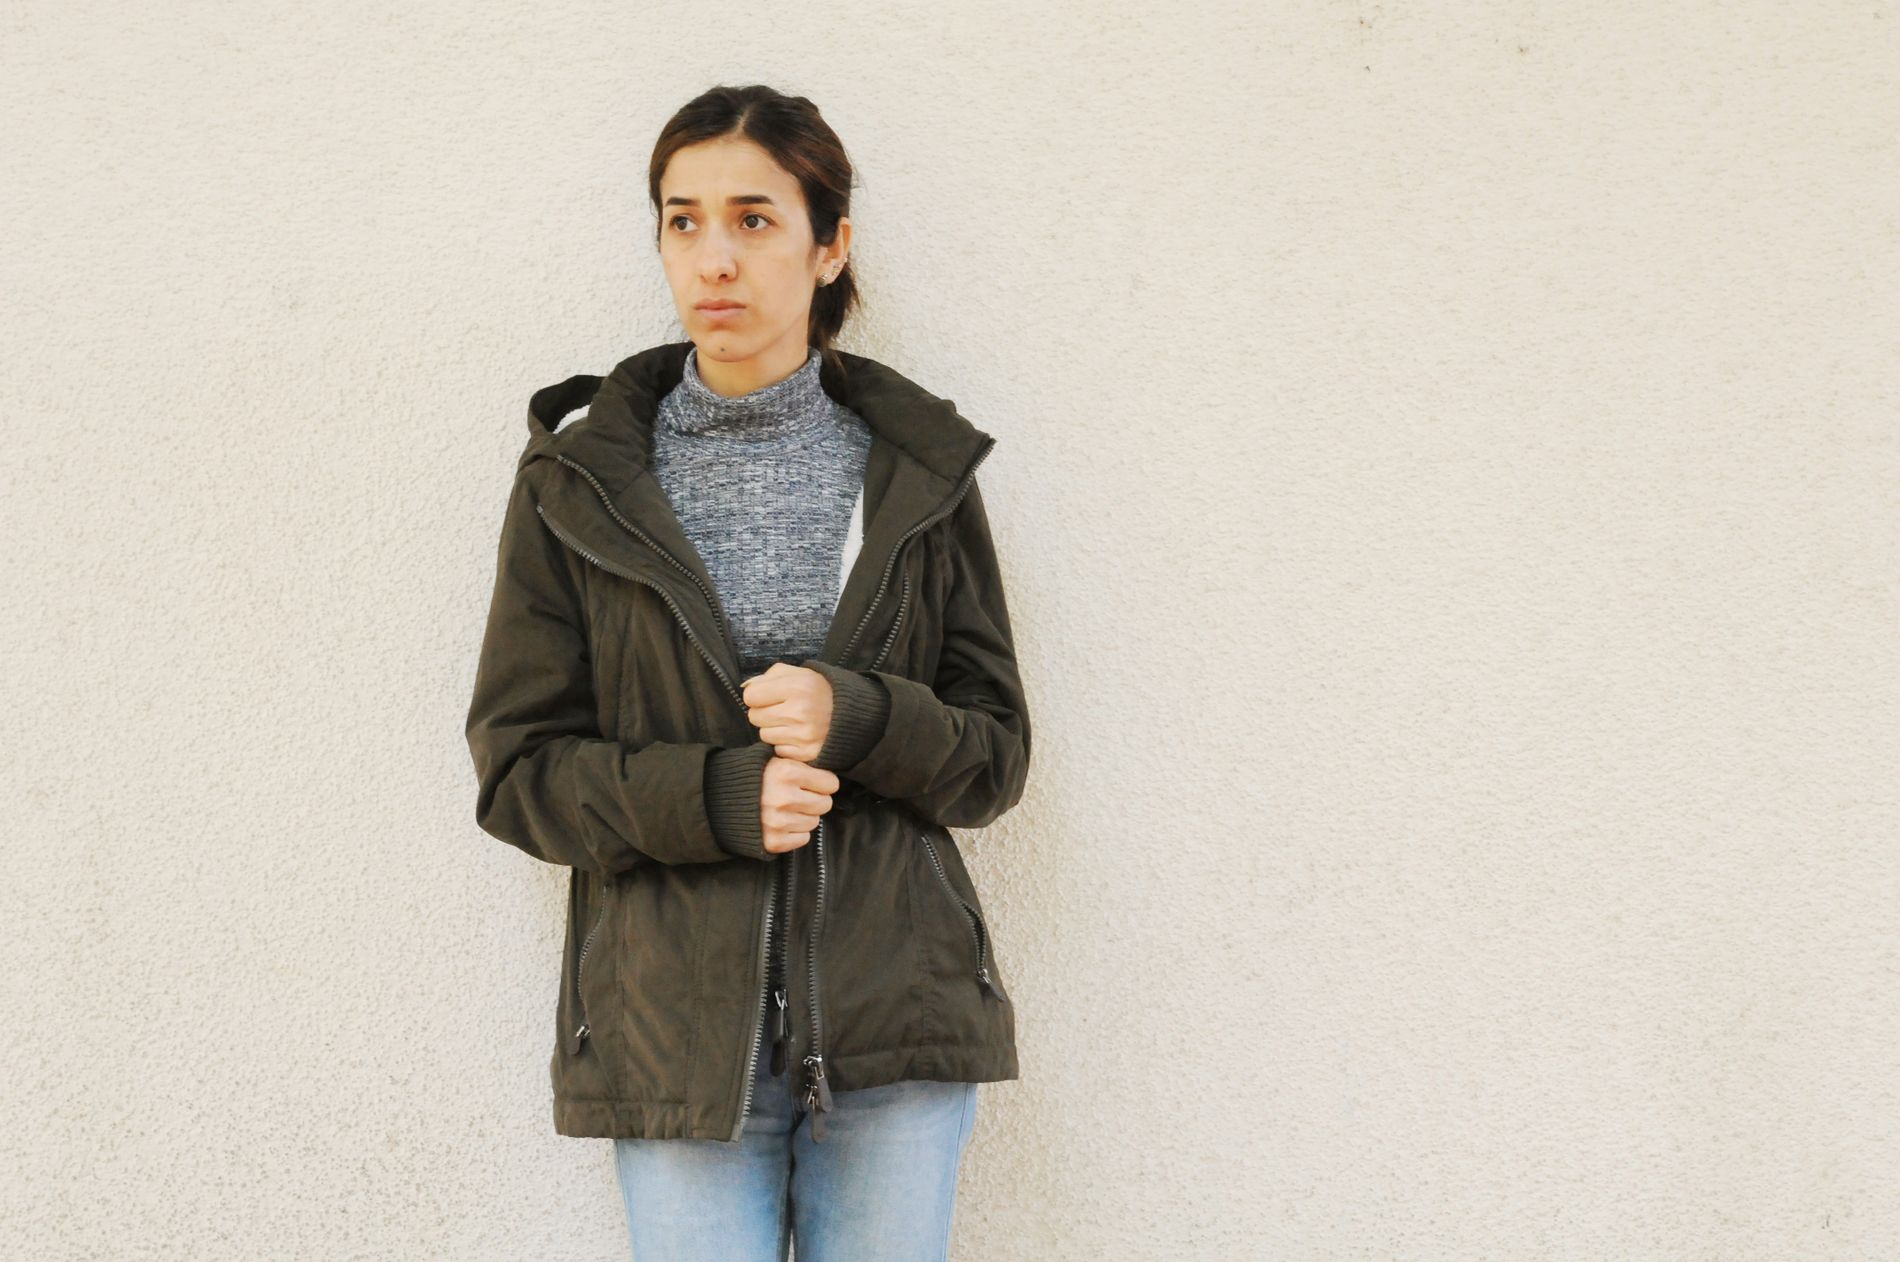 NY HVERDAG: Yezidier er flinke til å integrere seg der de kommer, mener Nadia Murad. Selv har hun ikke fått så mye tid til å gå på skole og tyskkurs på grunn av arbeidet sitt, men hun forstår når folk snakker tysk.